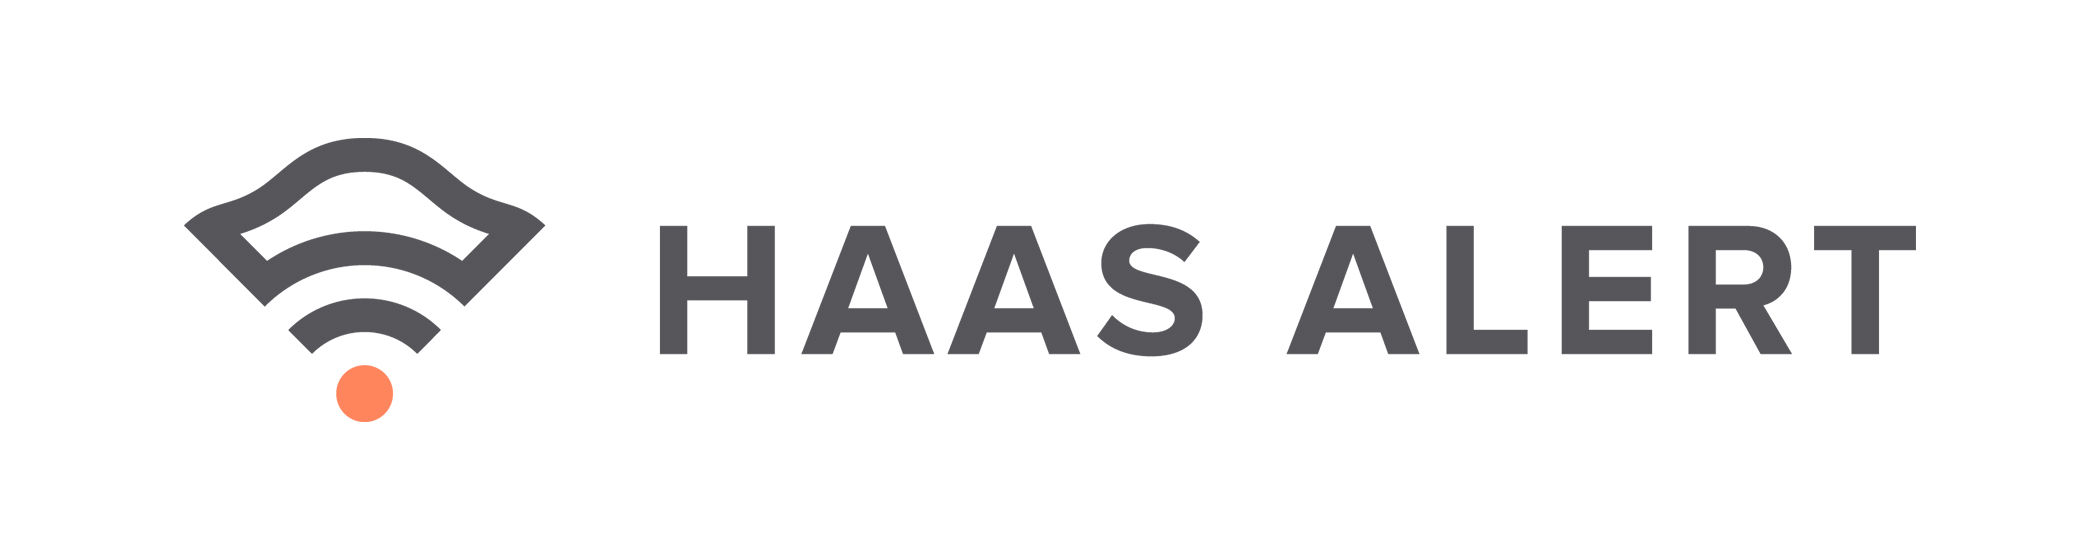 HAAS Alert logo - Download